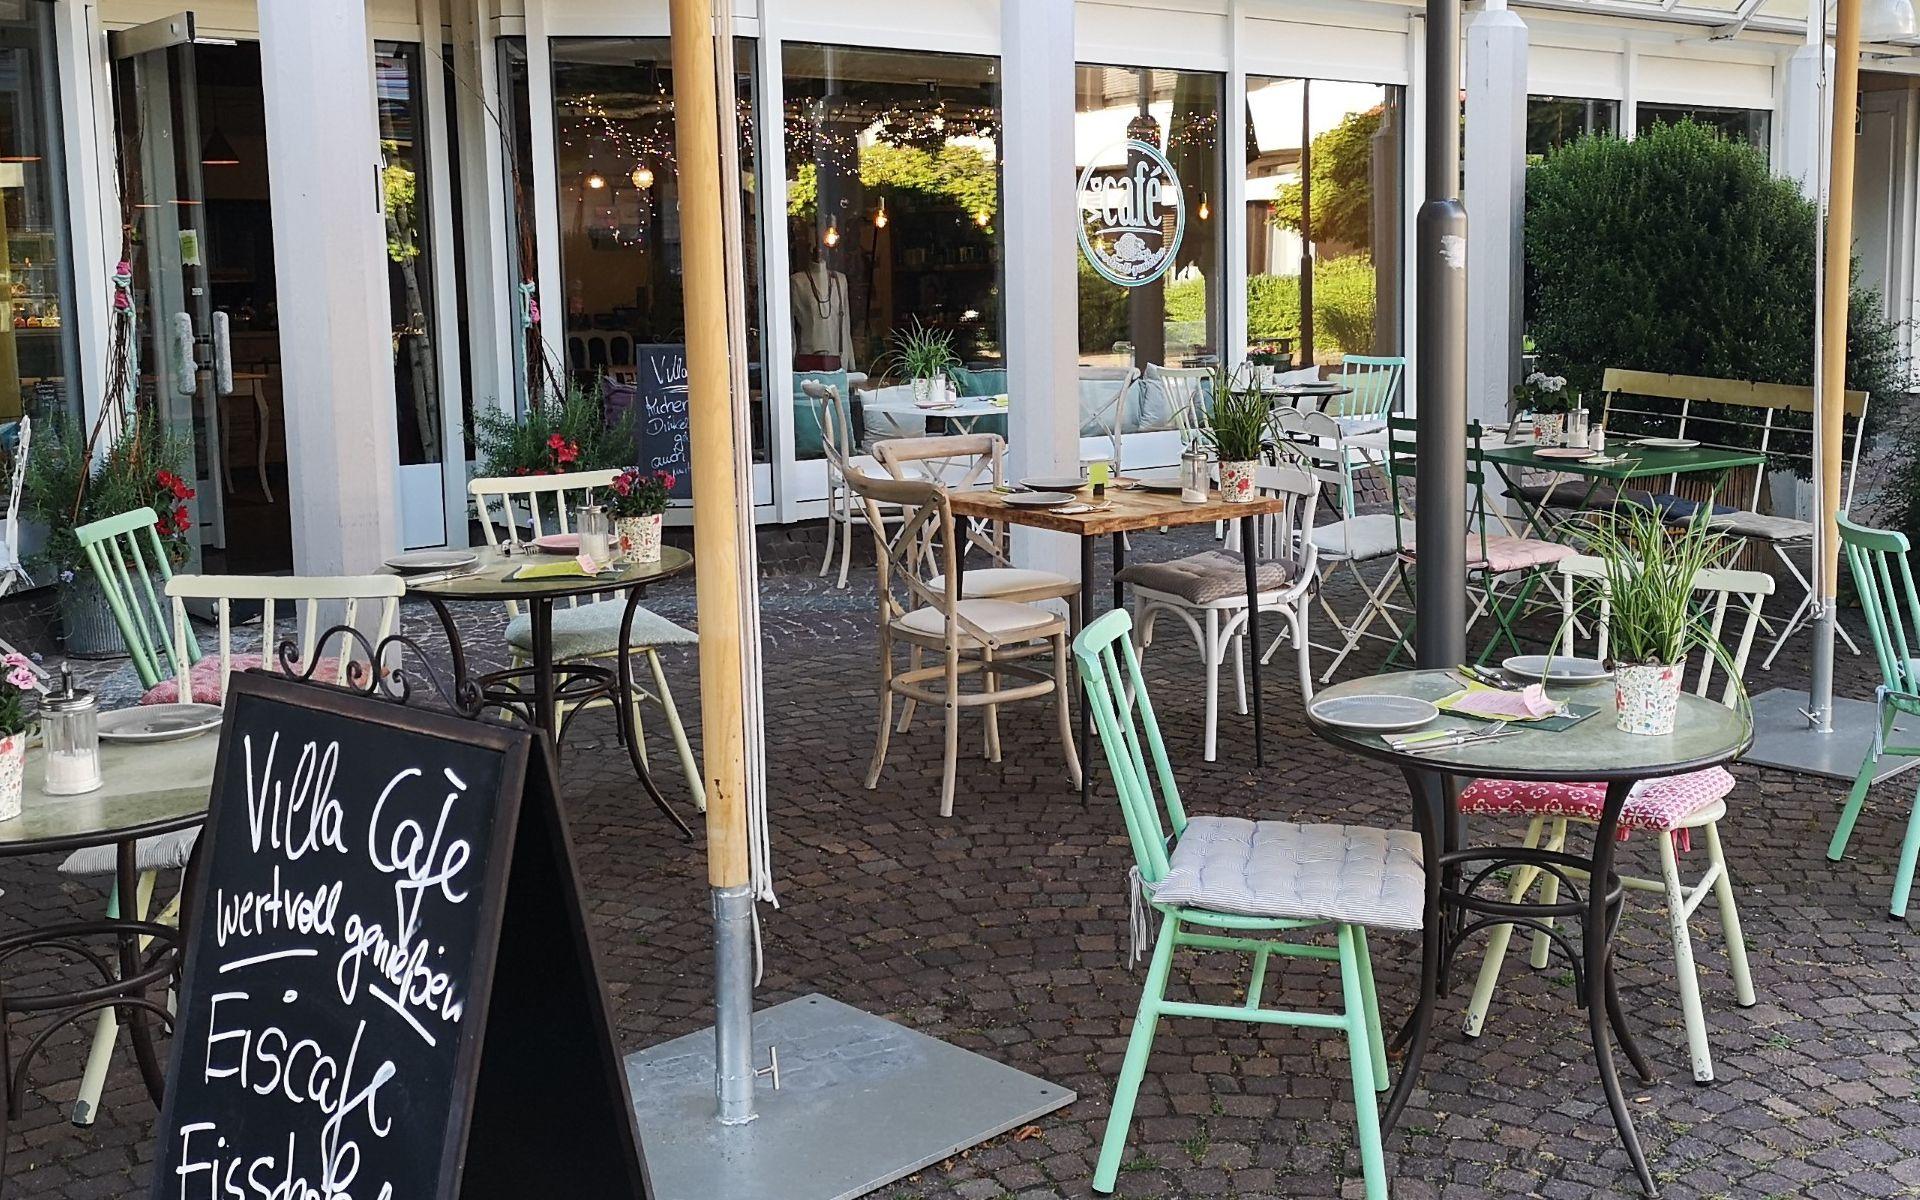 Villa Cafe Achern